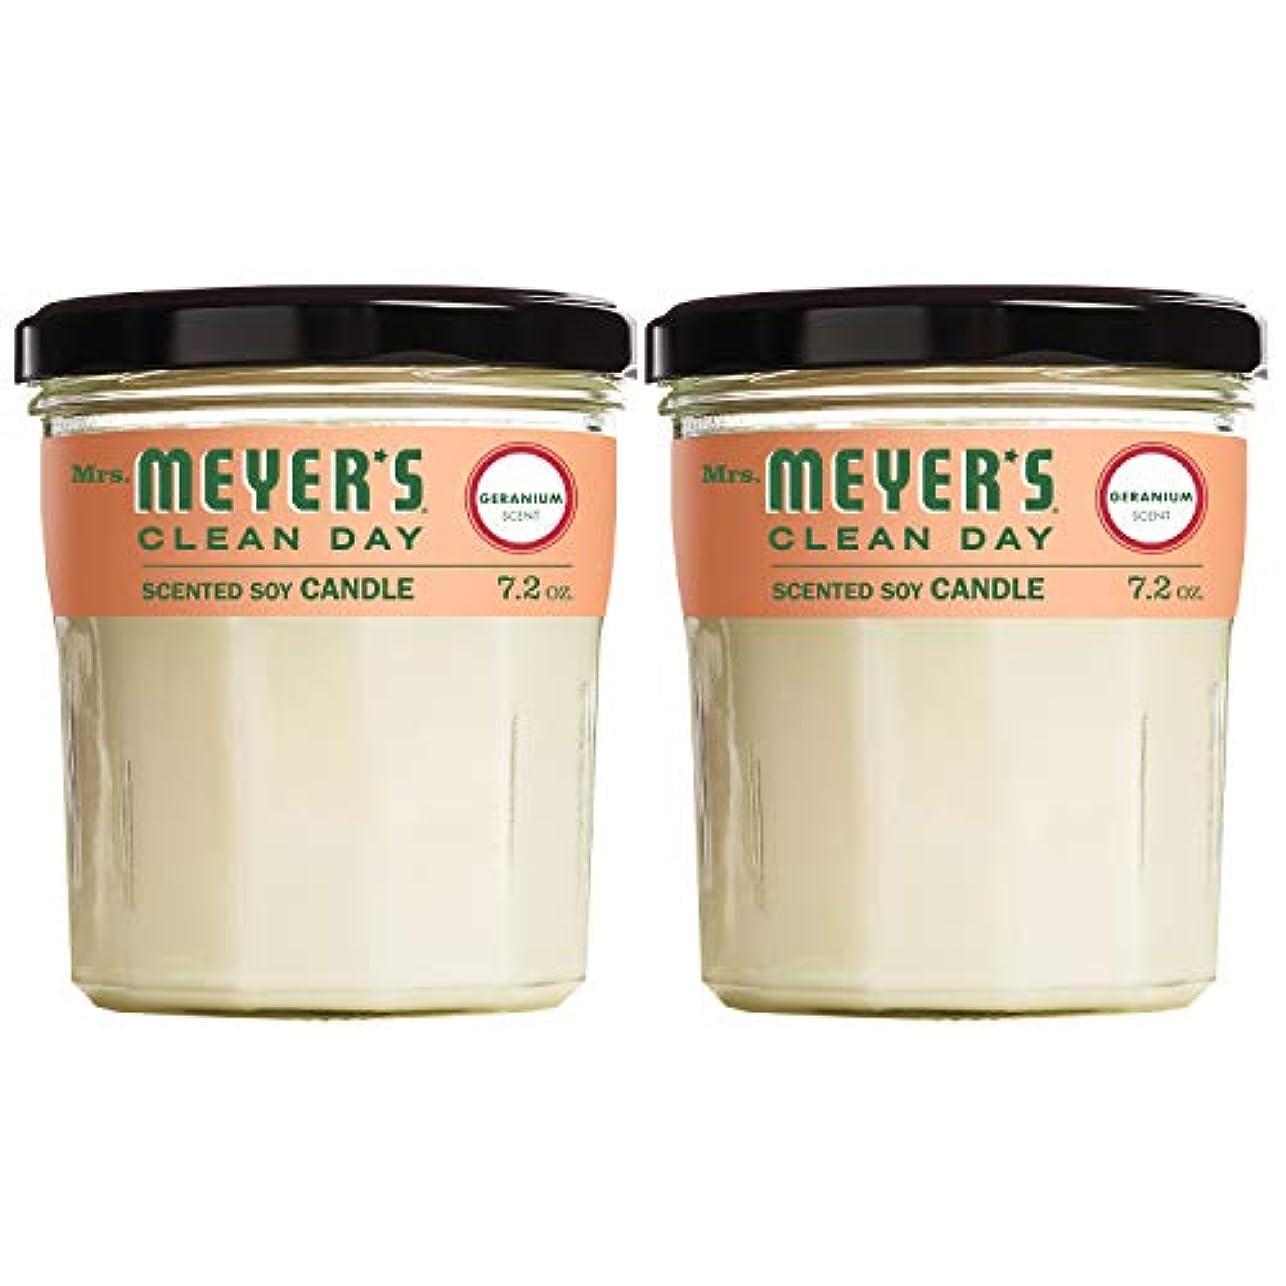 オーストラリア人広範囲に衝動Mrs。Meyer 's Clean Day香りつきSoy Candle、大きなガラス、ゼラニウム、7.2 Oz